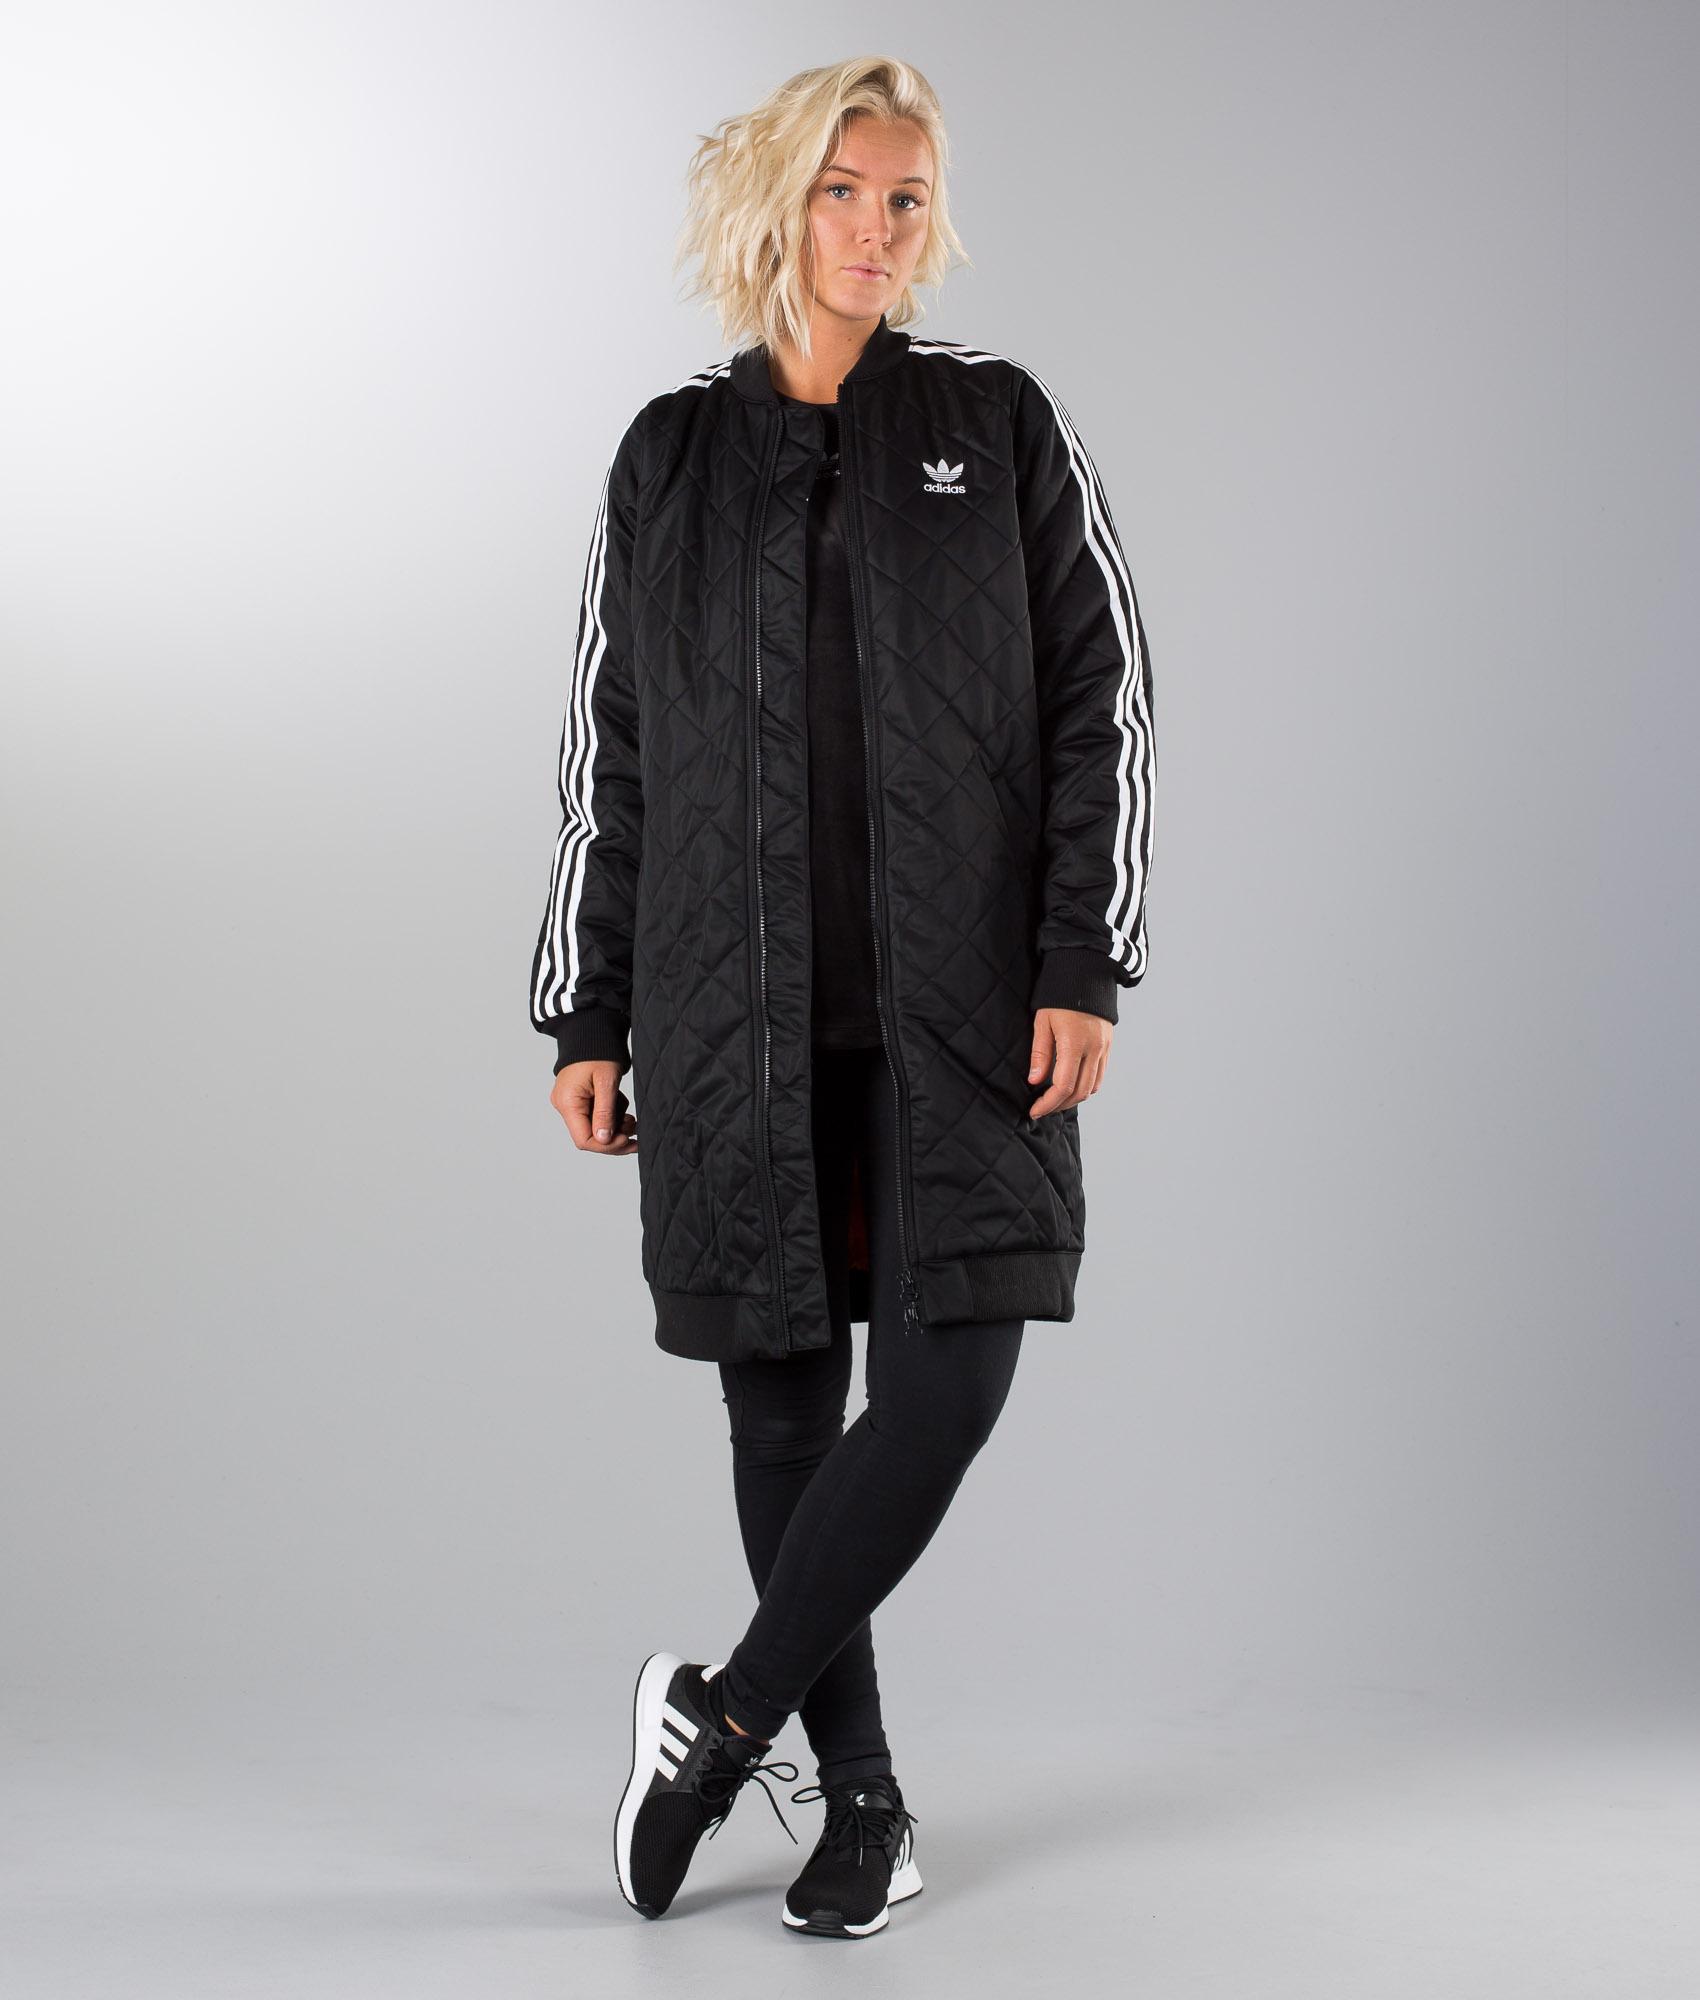 Adidas Originals Long Bomber Giacca Black